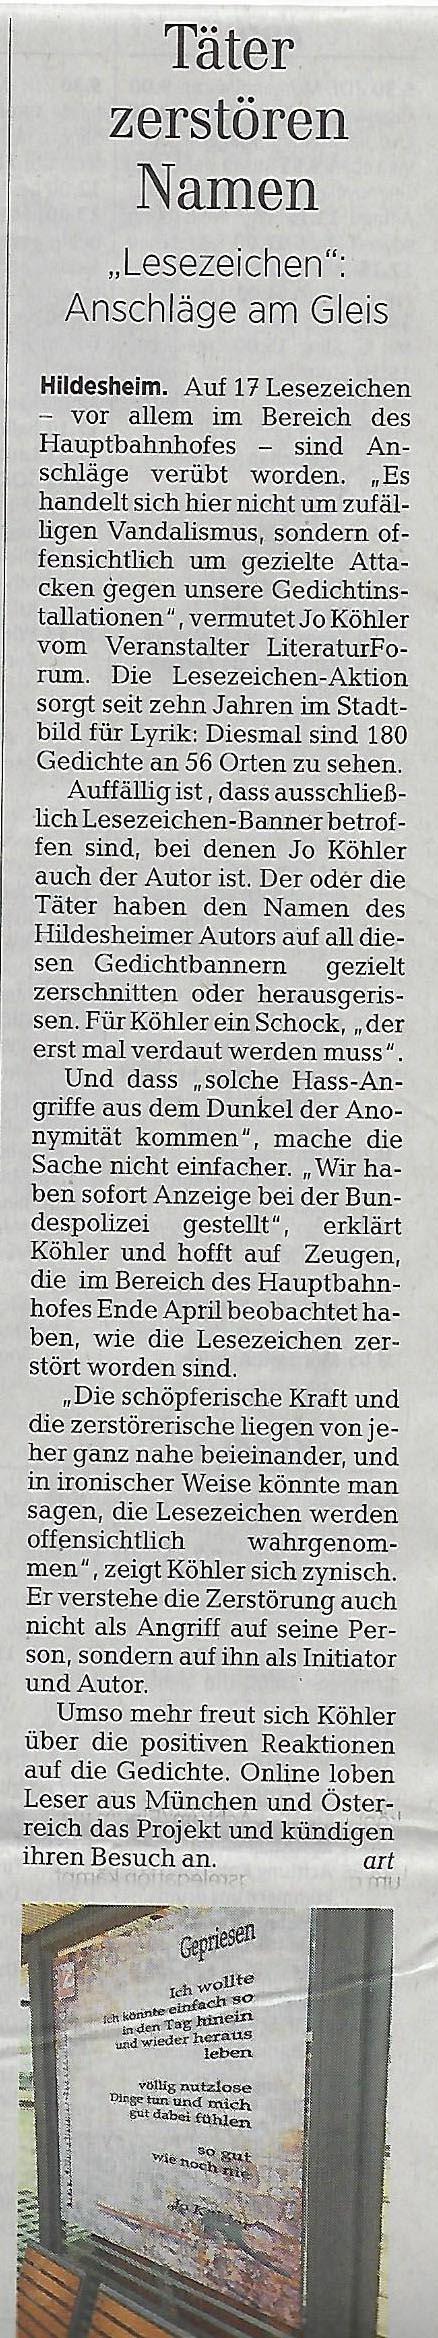 HAZ_LeseZeichen2019_07.05.19